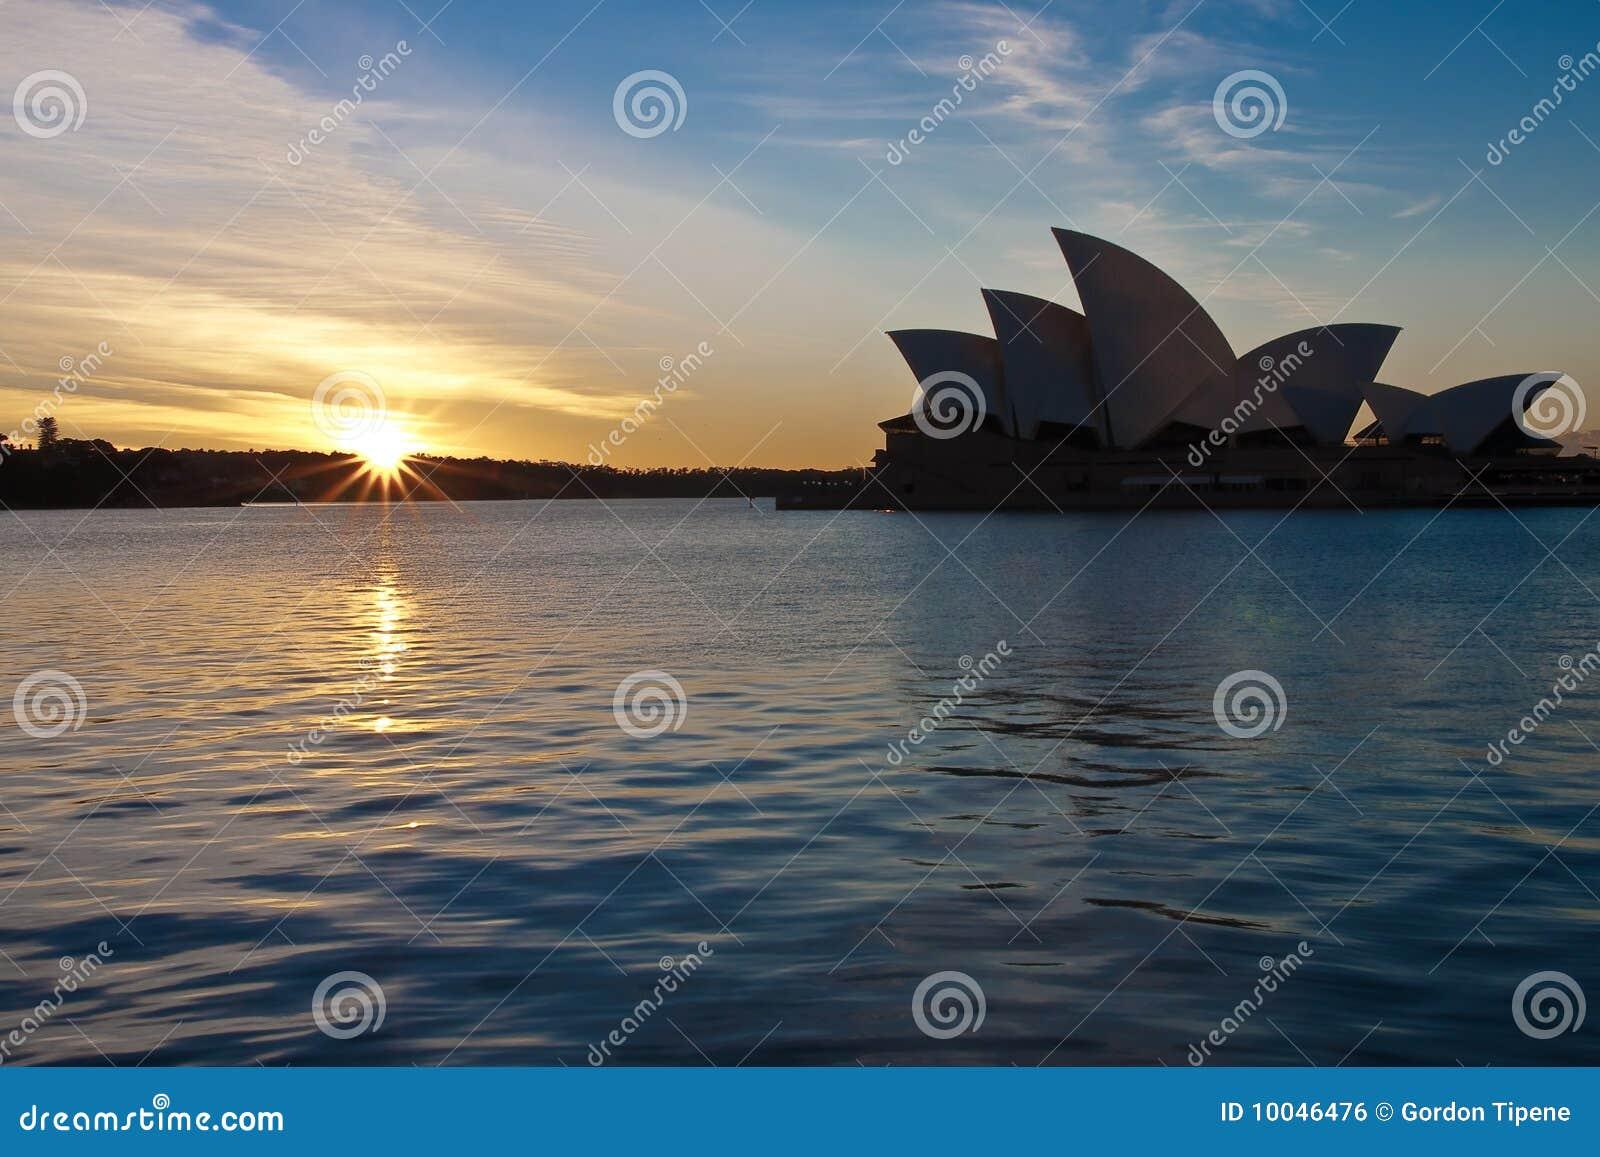 Nascer do sol sobre o teatro da ópera de Sydney, Austrália.